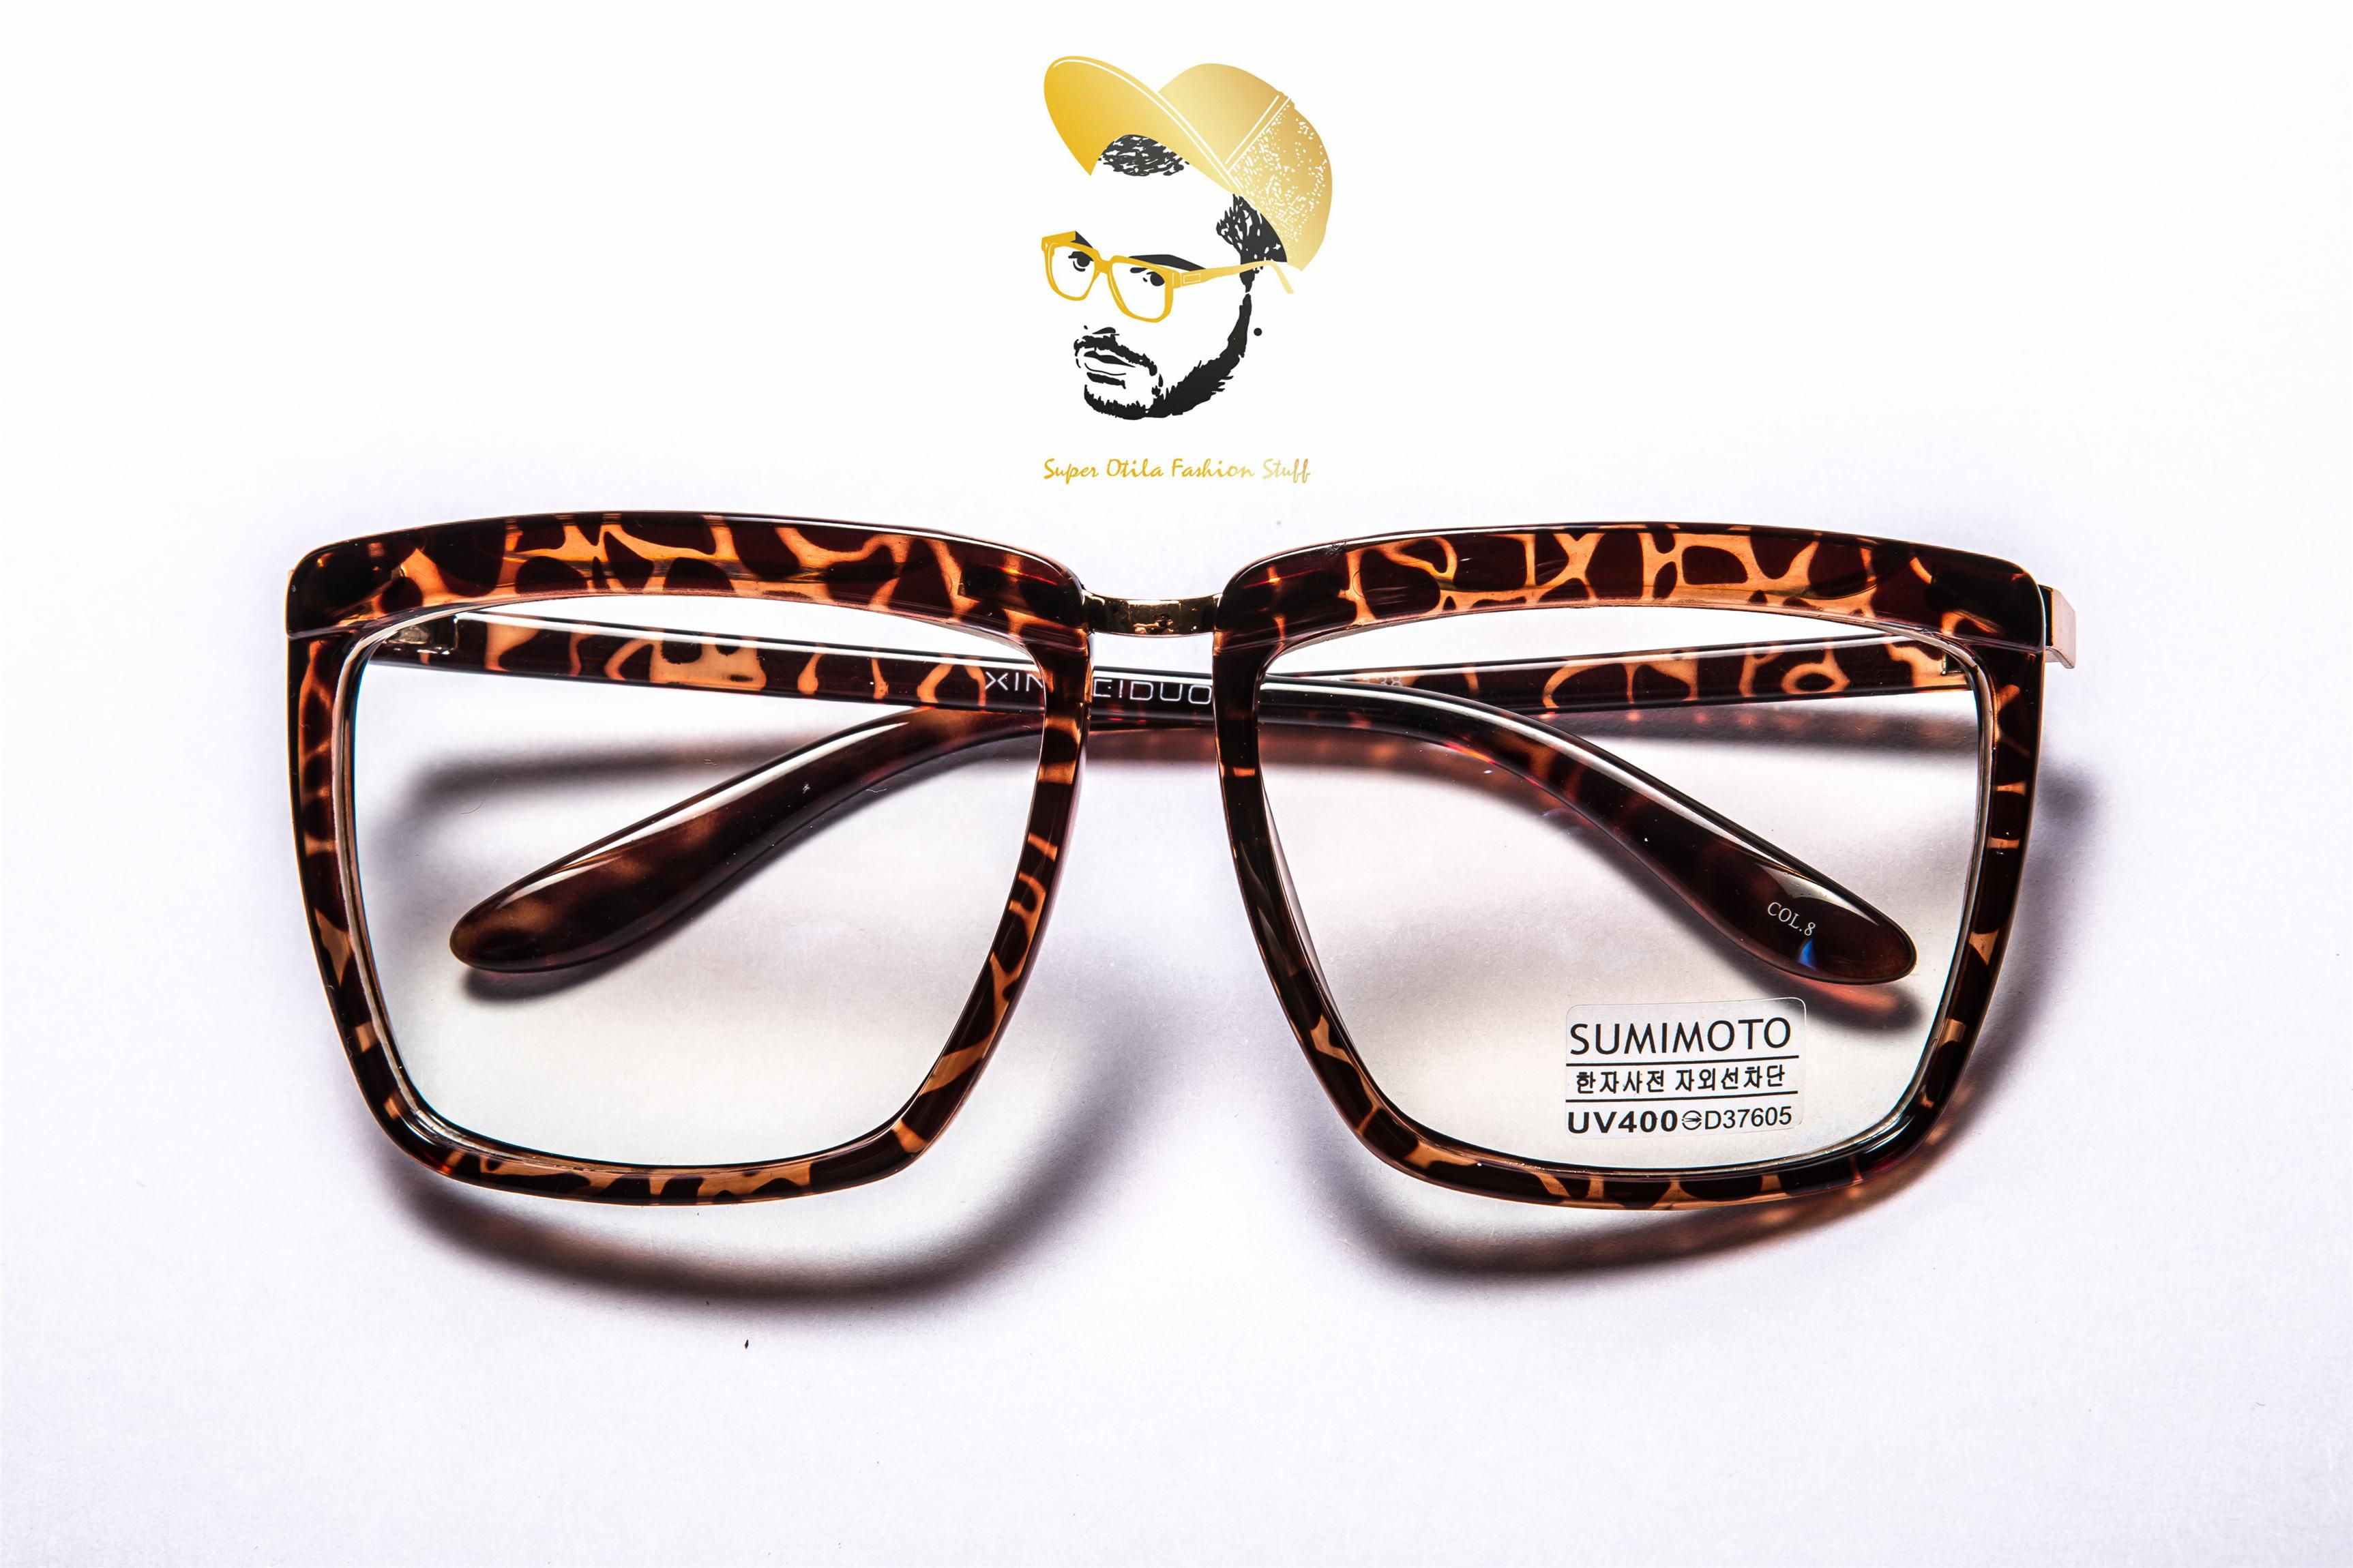 太陽眼鏡 墨鏡 眼鏡  韓國 super otila 【2012】抗藍光鏡片-玳瑁方框